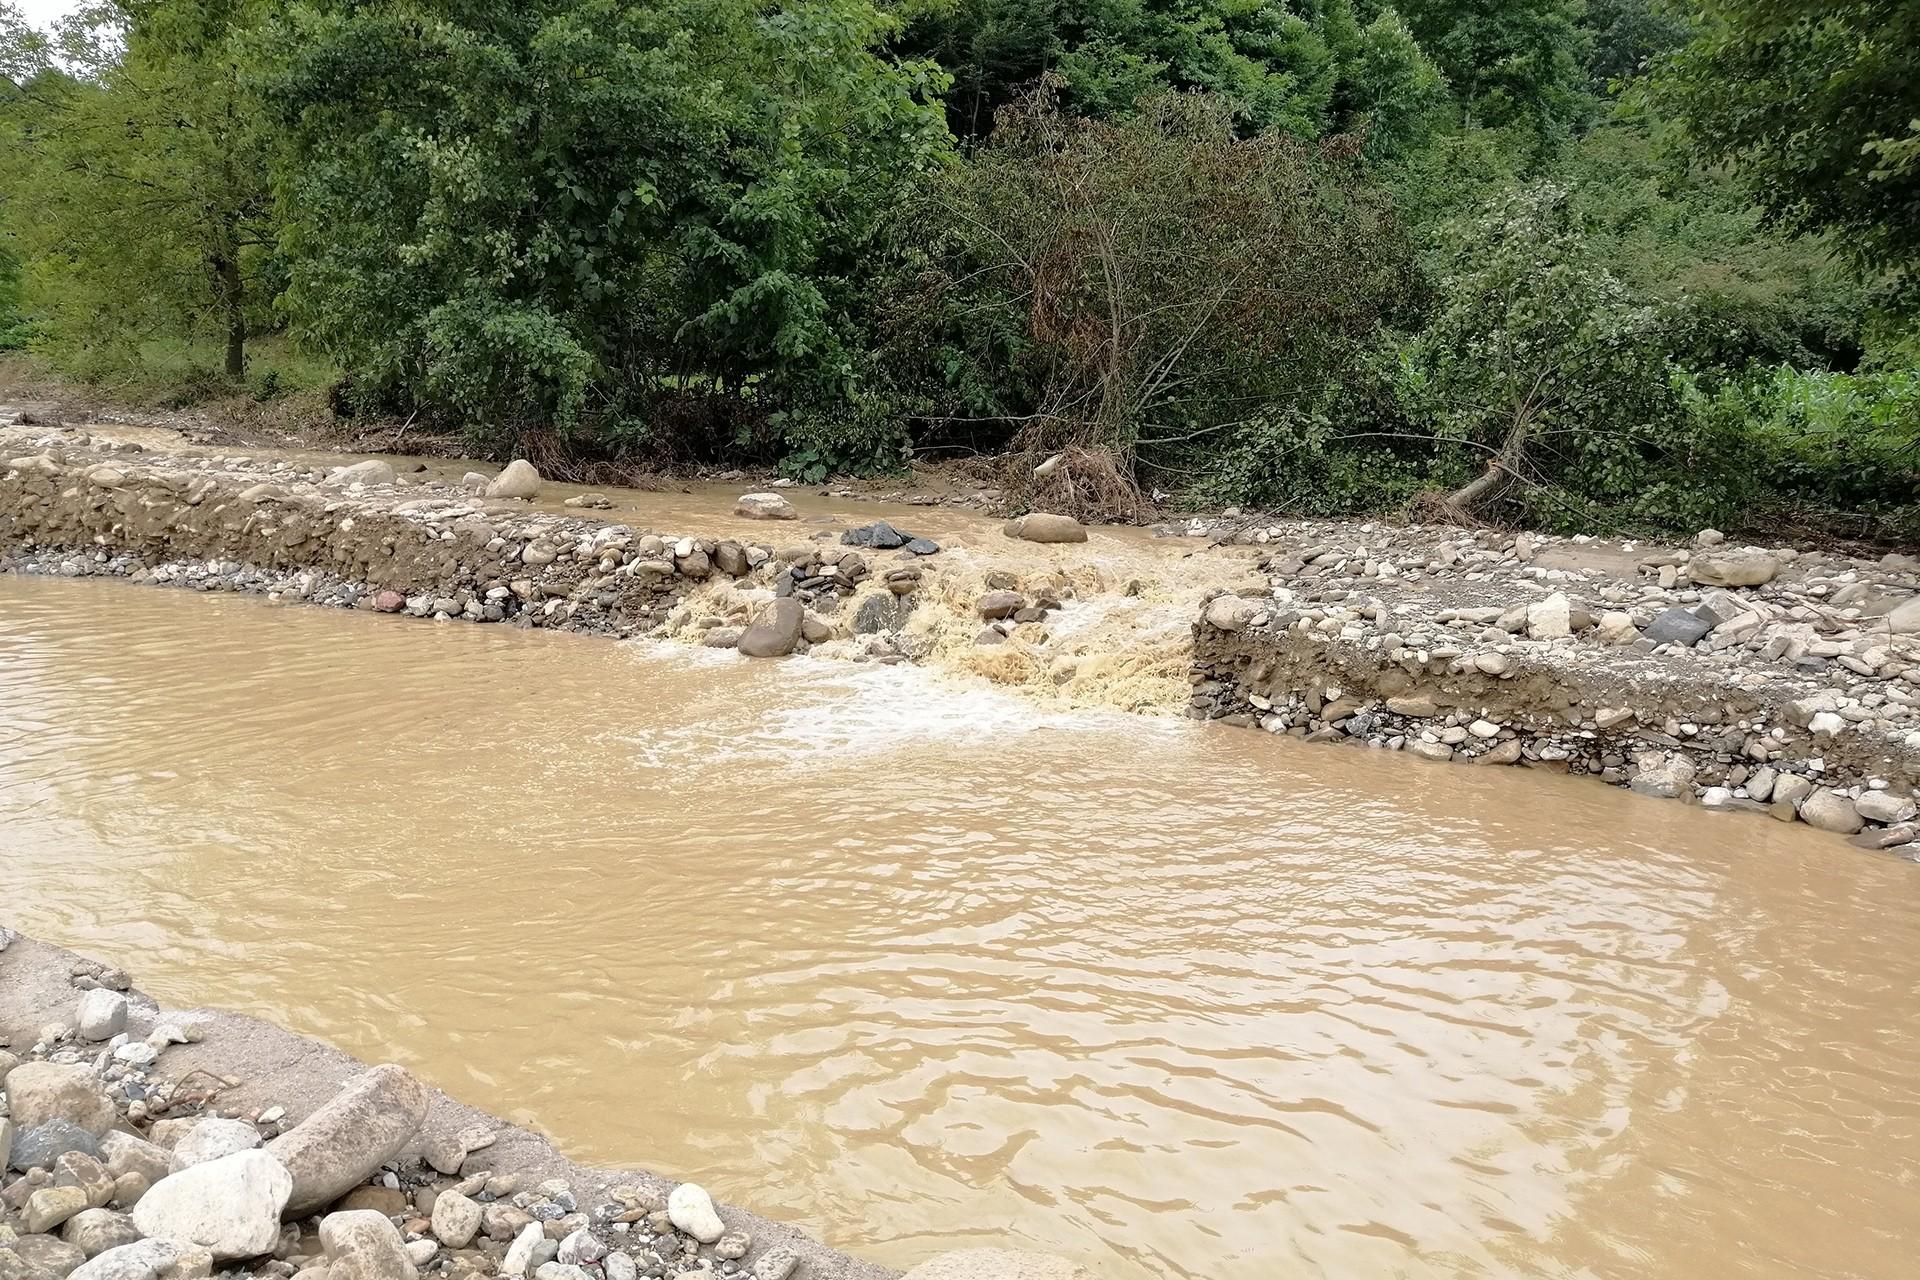 Kamboçya'da meydana gelen sellerde 16 kişi hayatını kaybetti